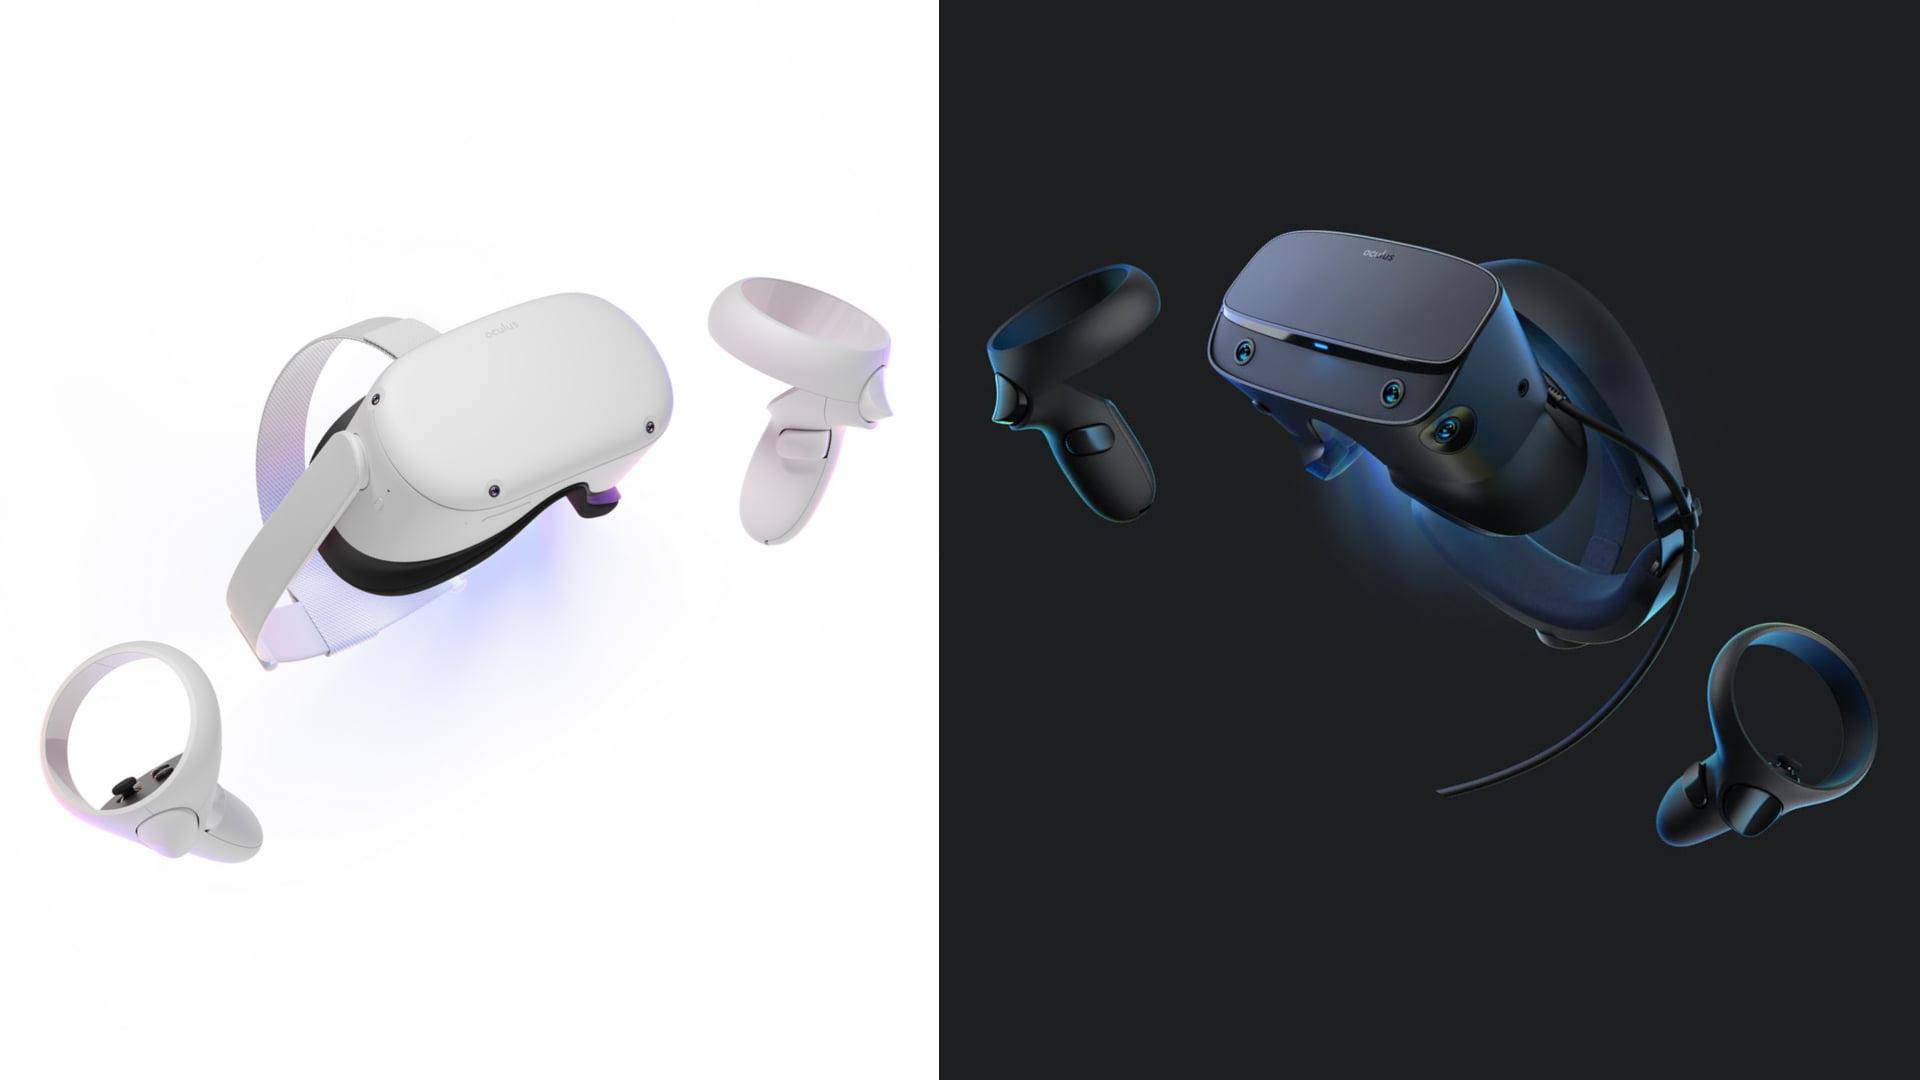 PC-VR tot? Dieser erfolgreiche VR-Entwickler widerspricht